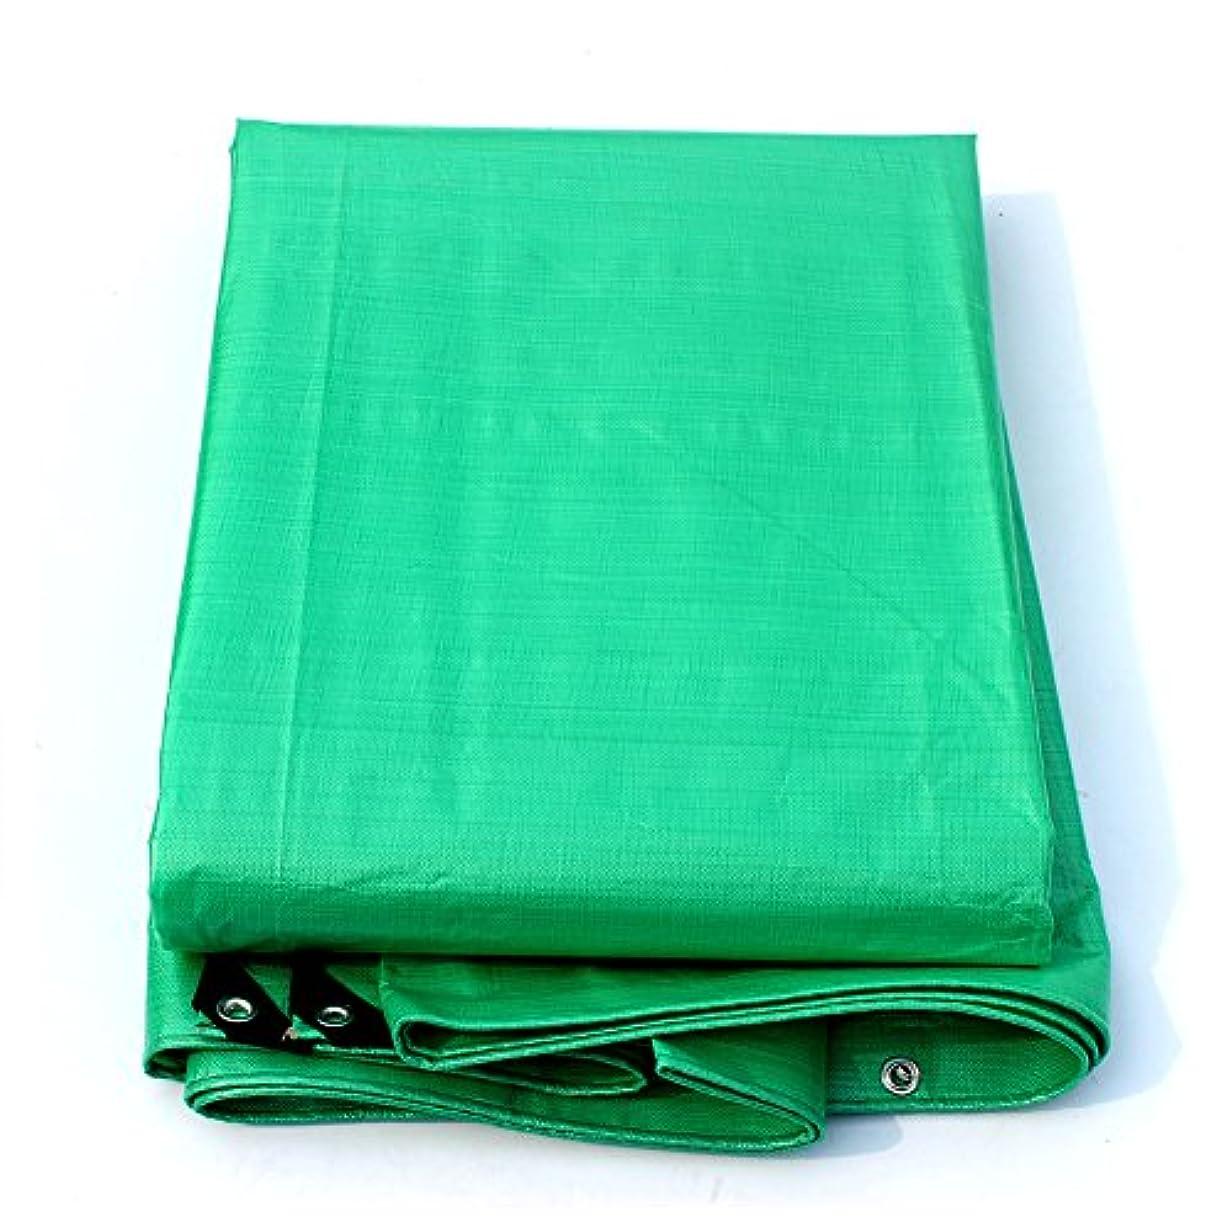 メダリスト超越する動揺させるテント、厚い防雨布のプラスチックの布をプラスして雨の覆いを防いで日よけの布の車の蓋を遮って、最大の10 x 12 m